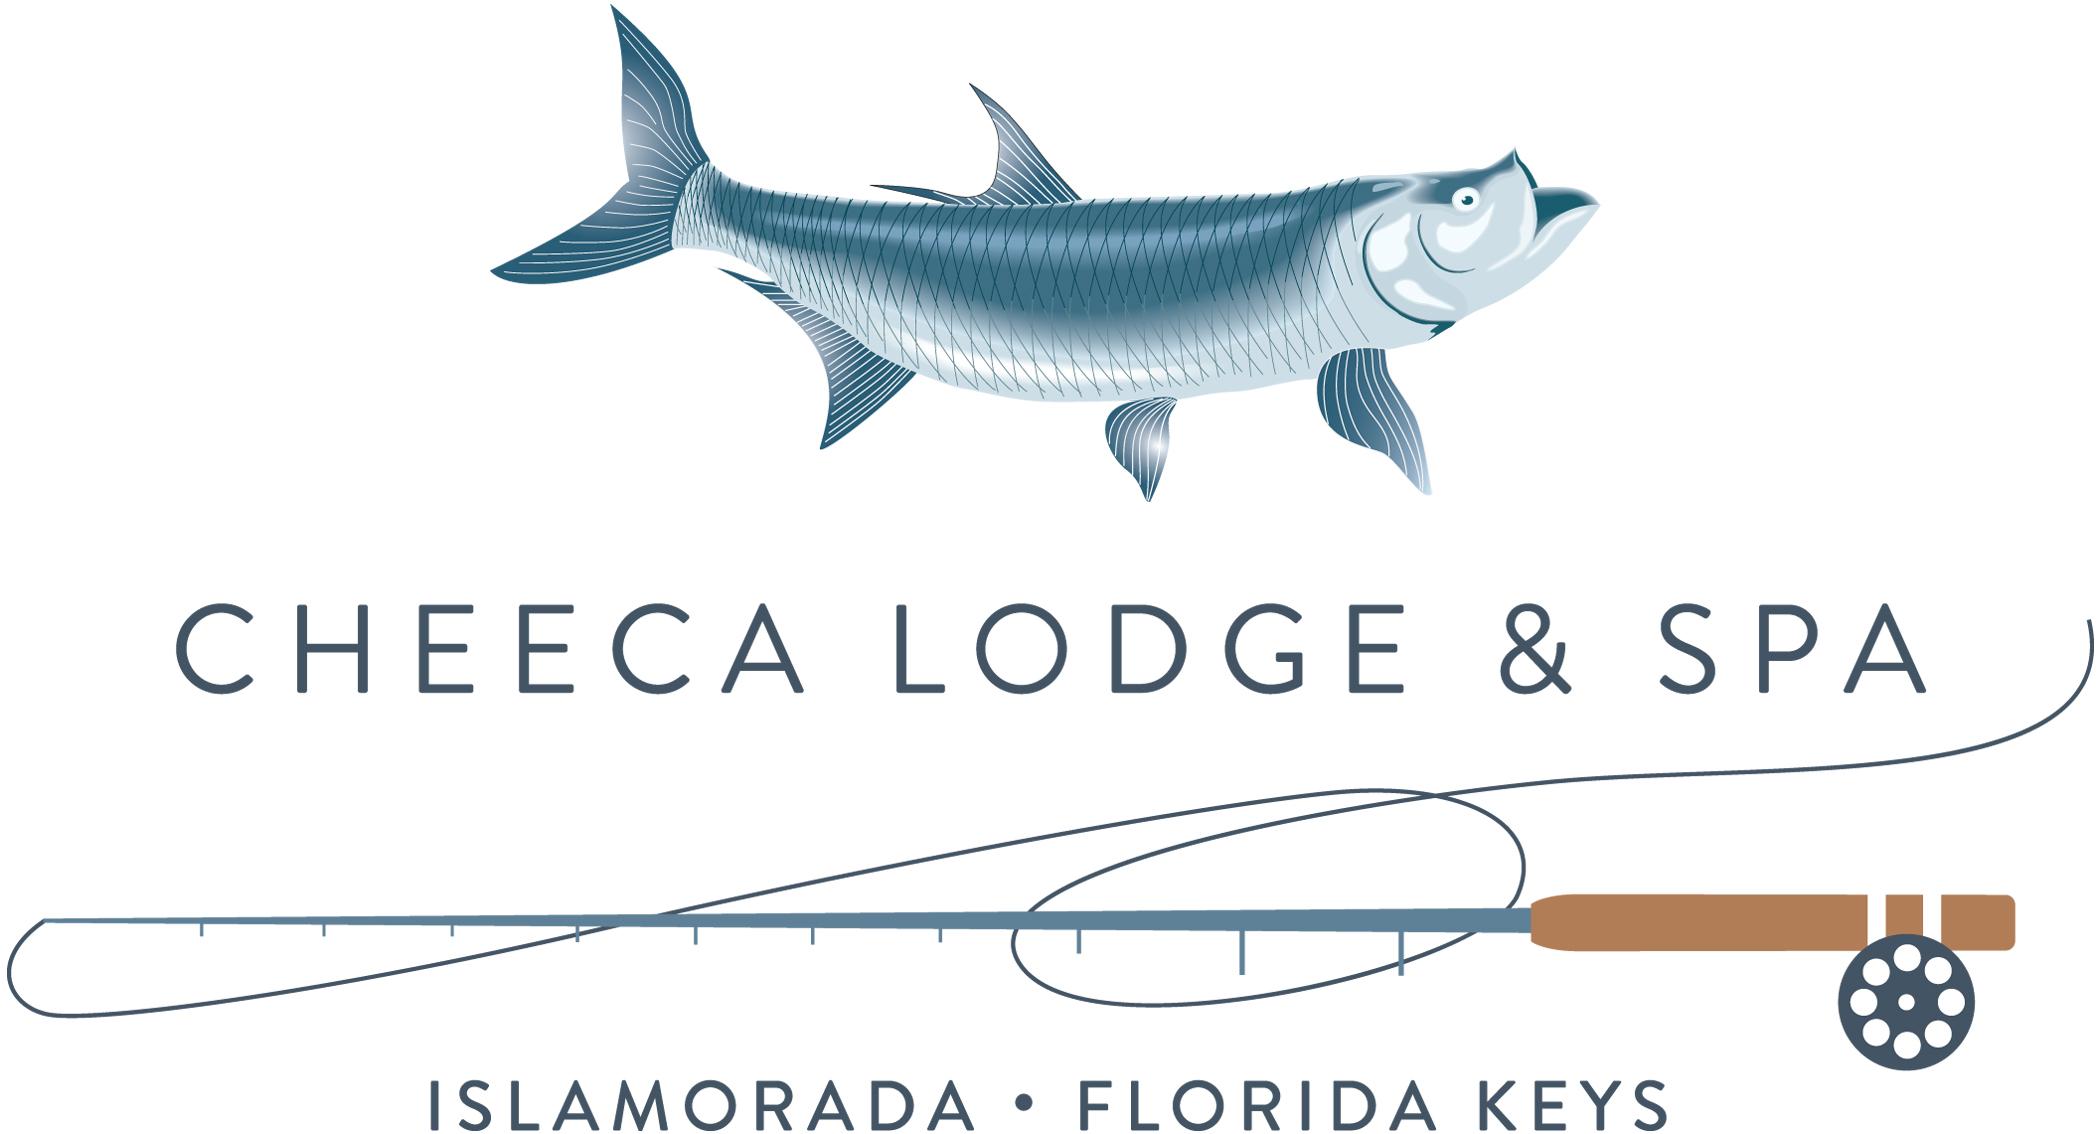 Florida Keys Map.Florida Keys Resorts In Islamorada Cheeca Lodge Spa